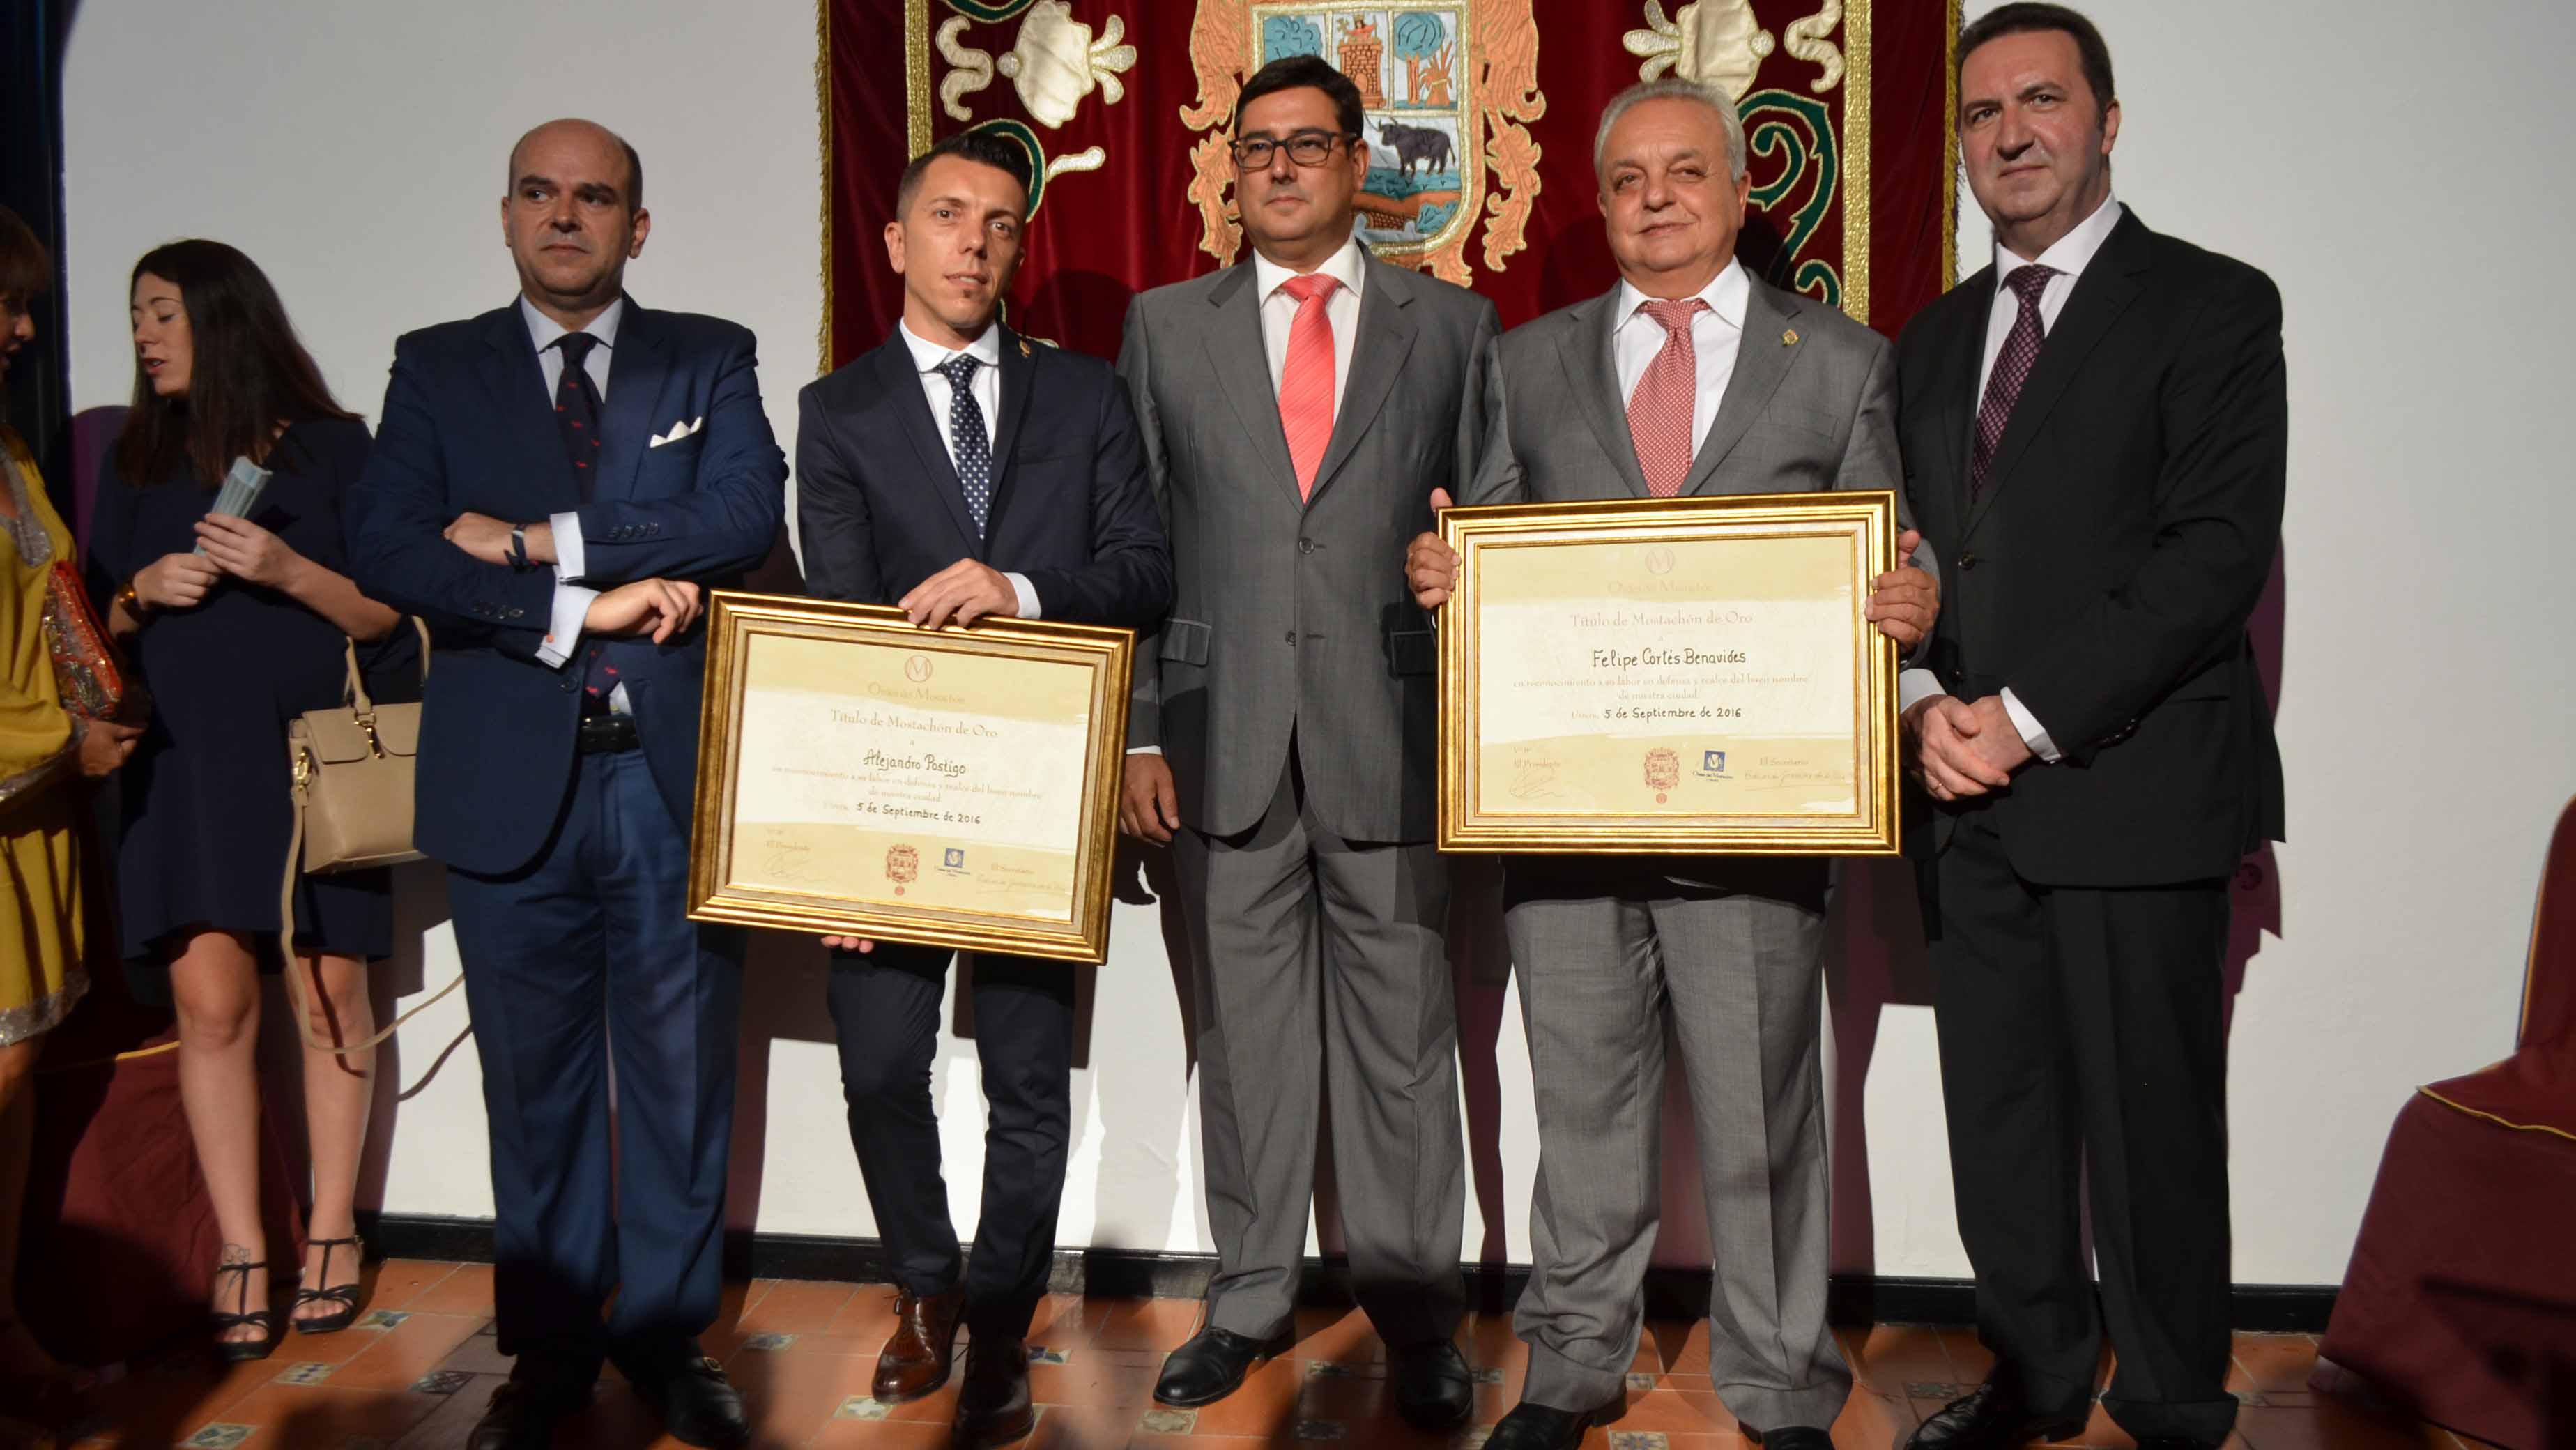 Los galardonados tras recibir su reconocimiento/ S.C.